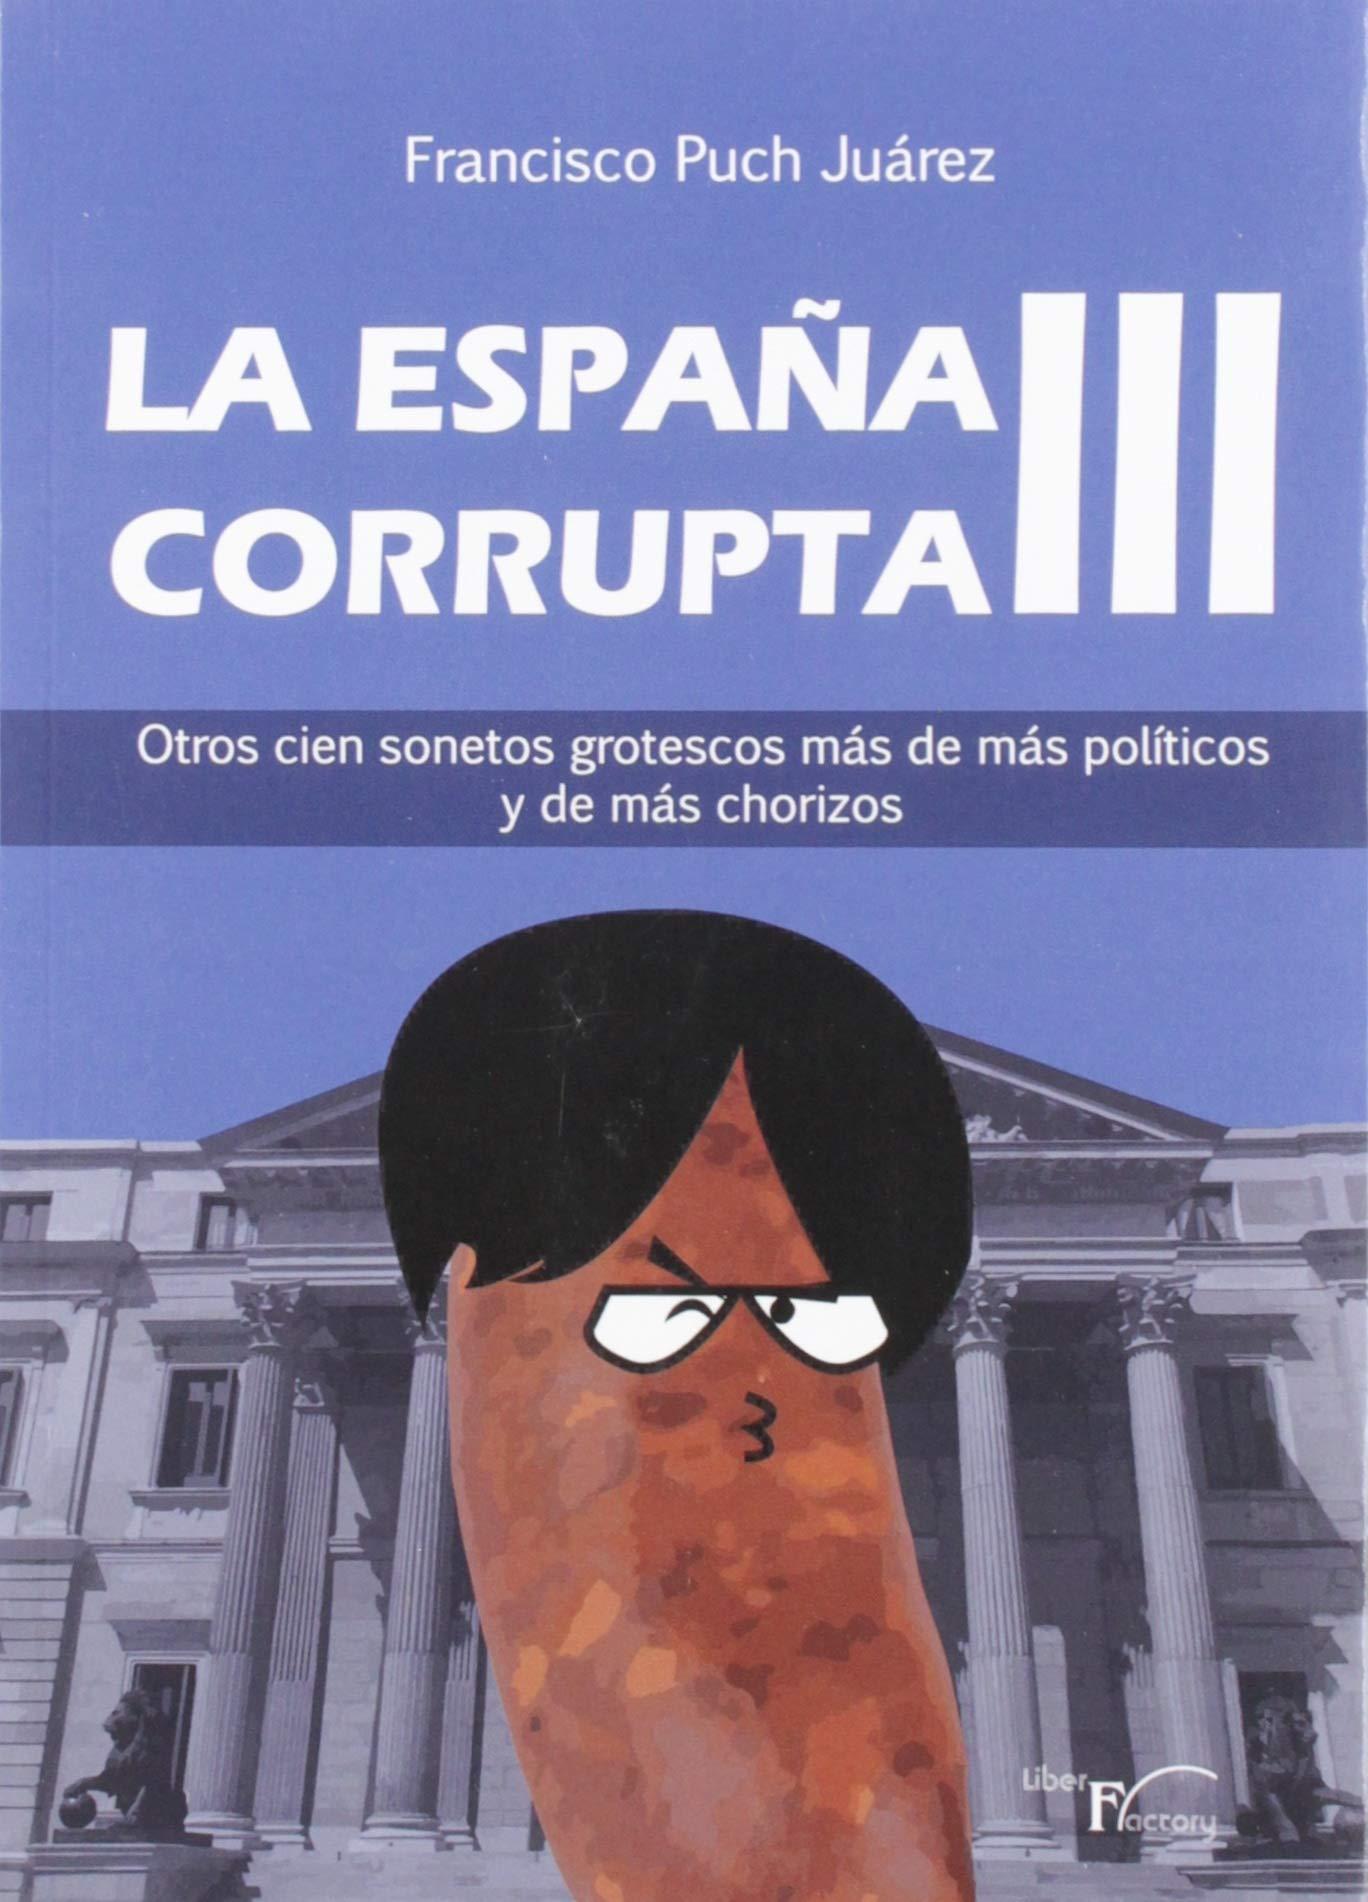 La España Corrupta Iii: Otros cien sonetos grotescos más de más ...